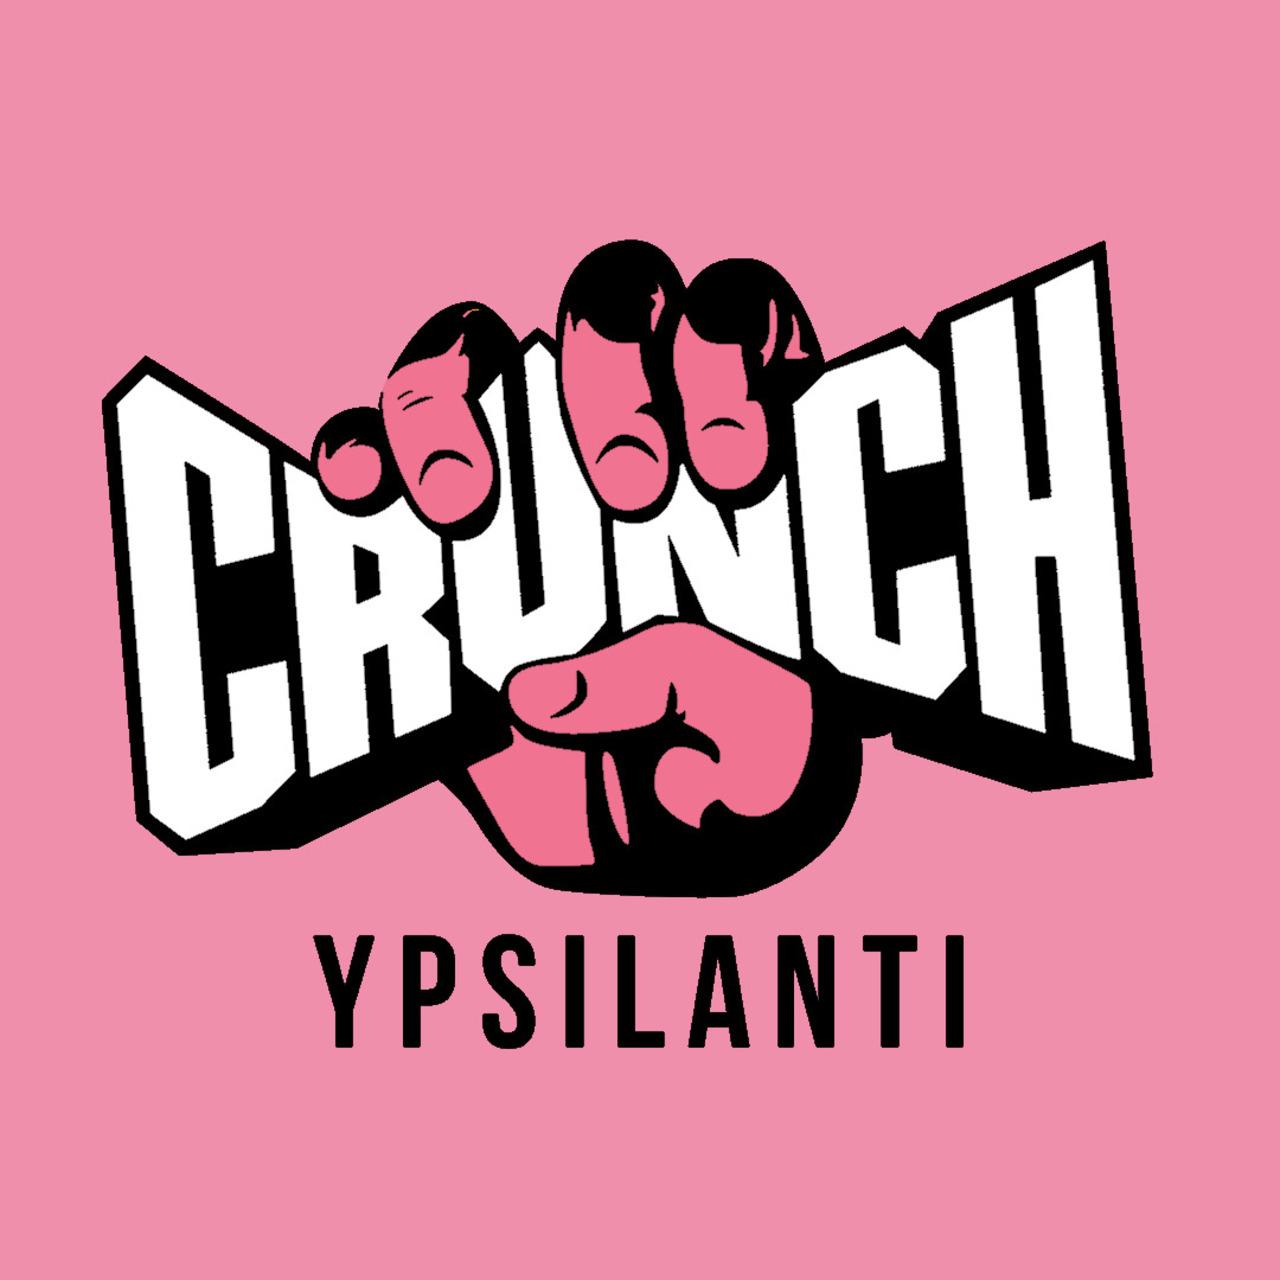 Crunch Ypsilanti Community Food Drive